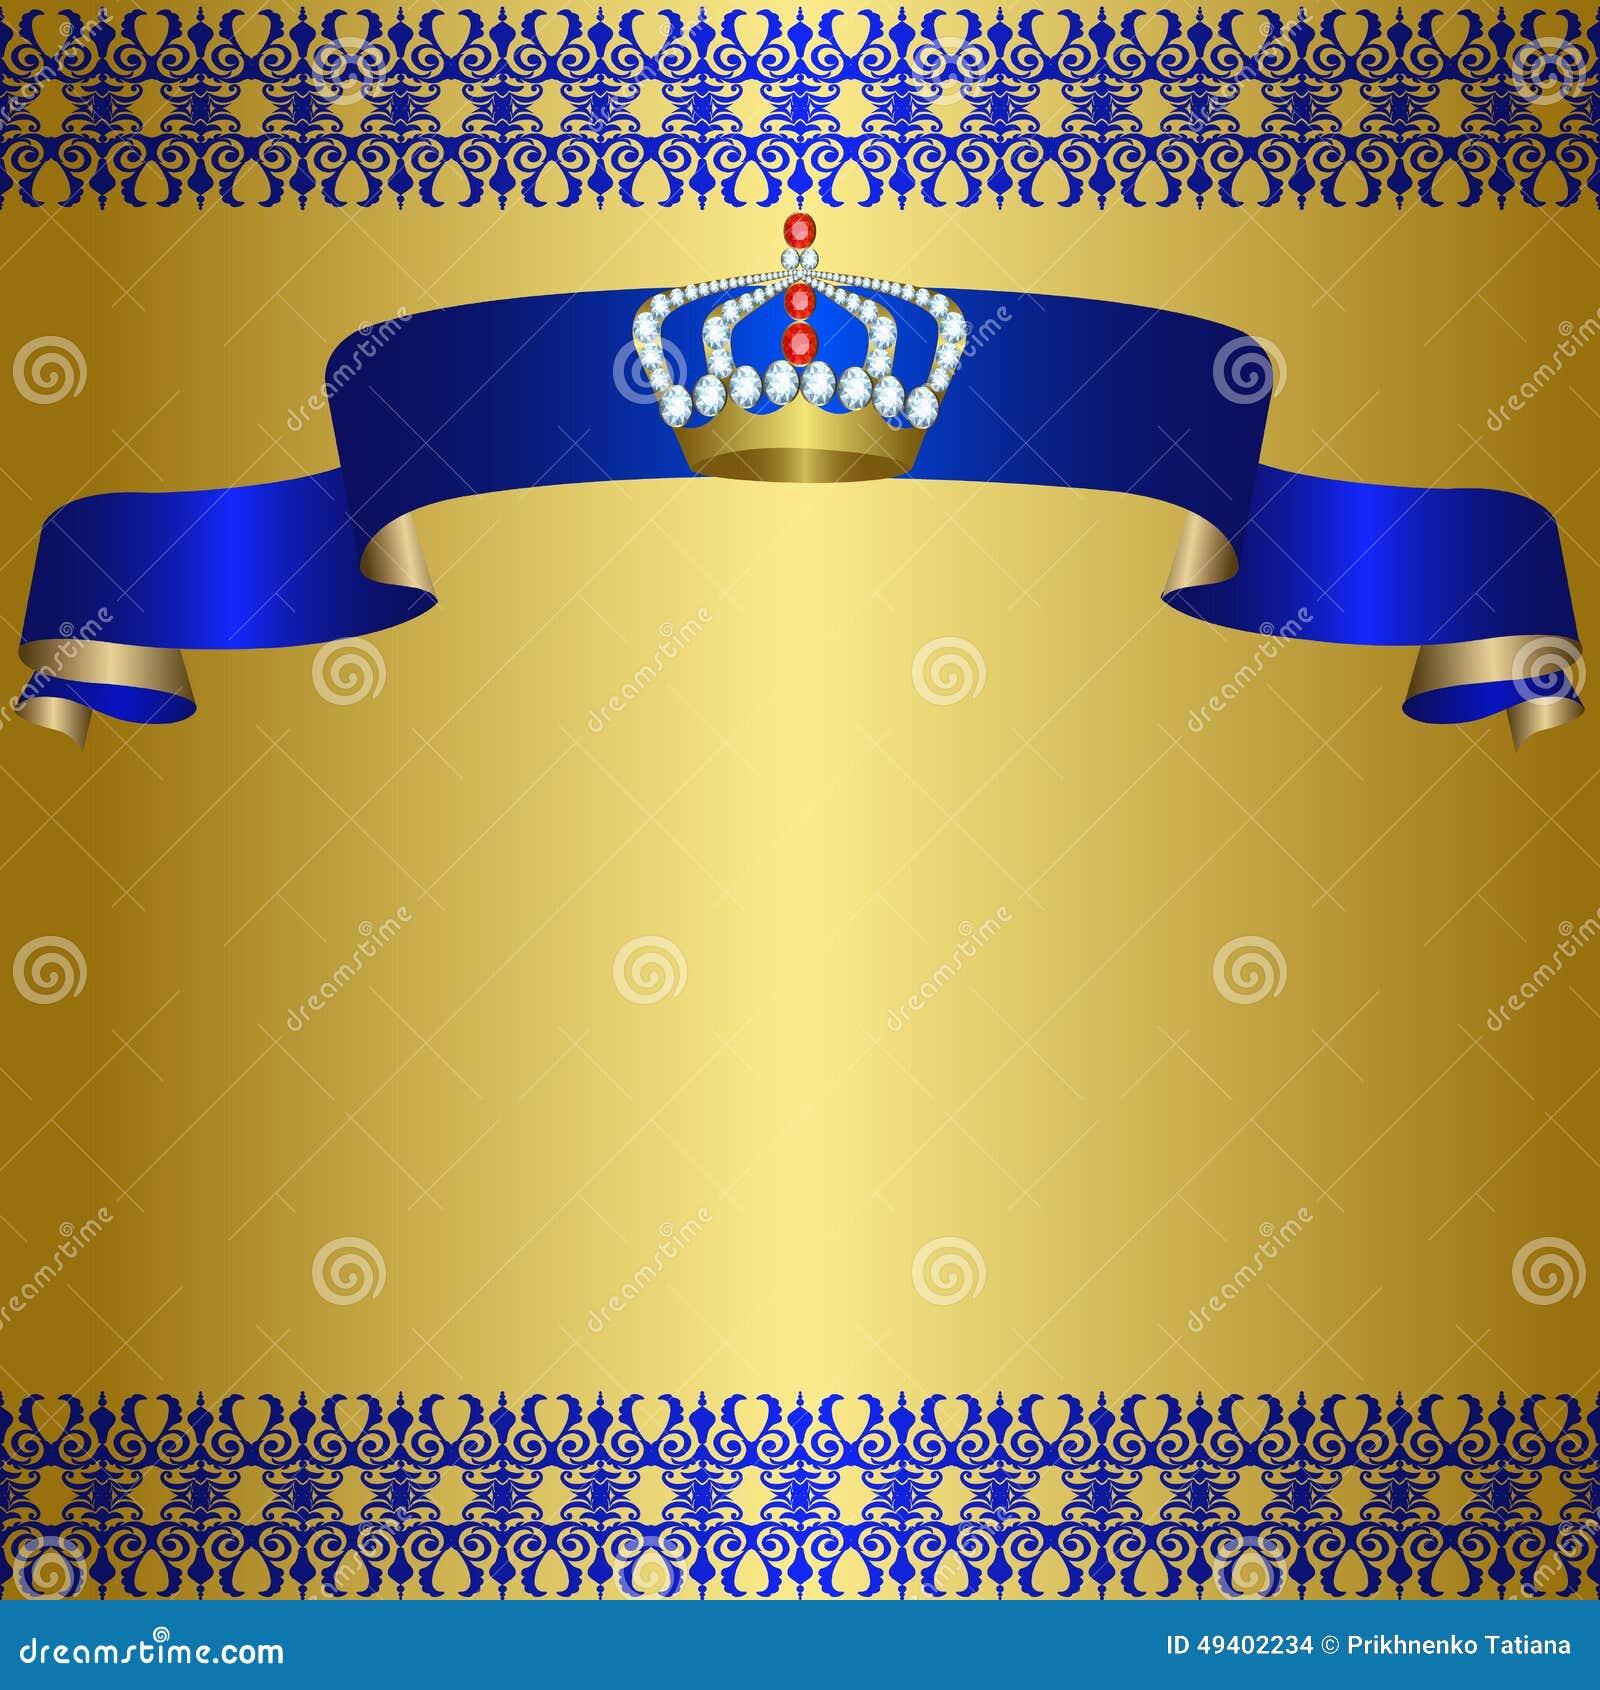 Download Königlicher Hintergrund vektor abbildung. Illustration von nett - 49402234